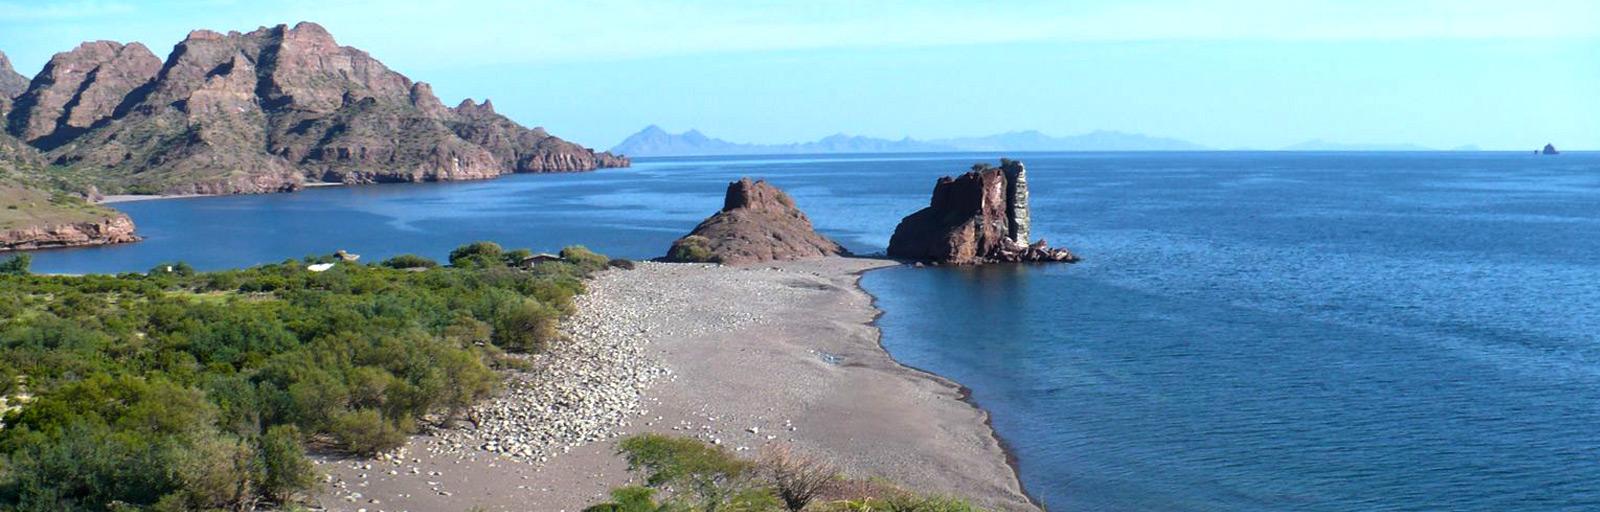 Playas virgenes en venta Baja California Sur